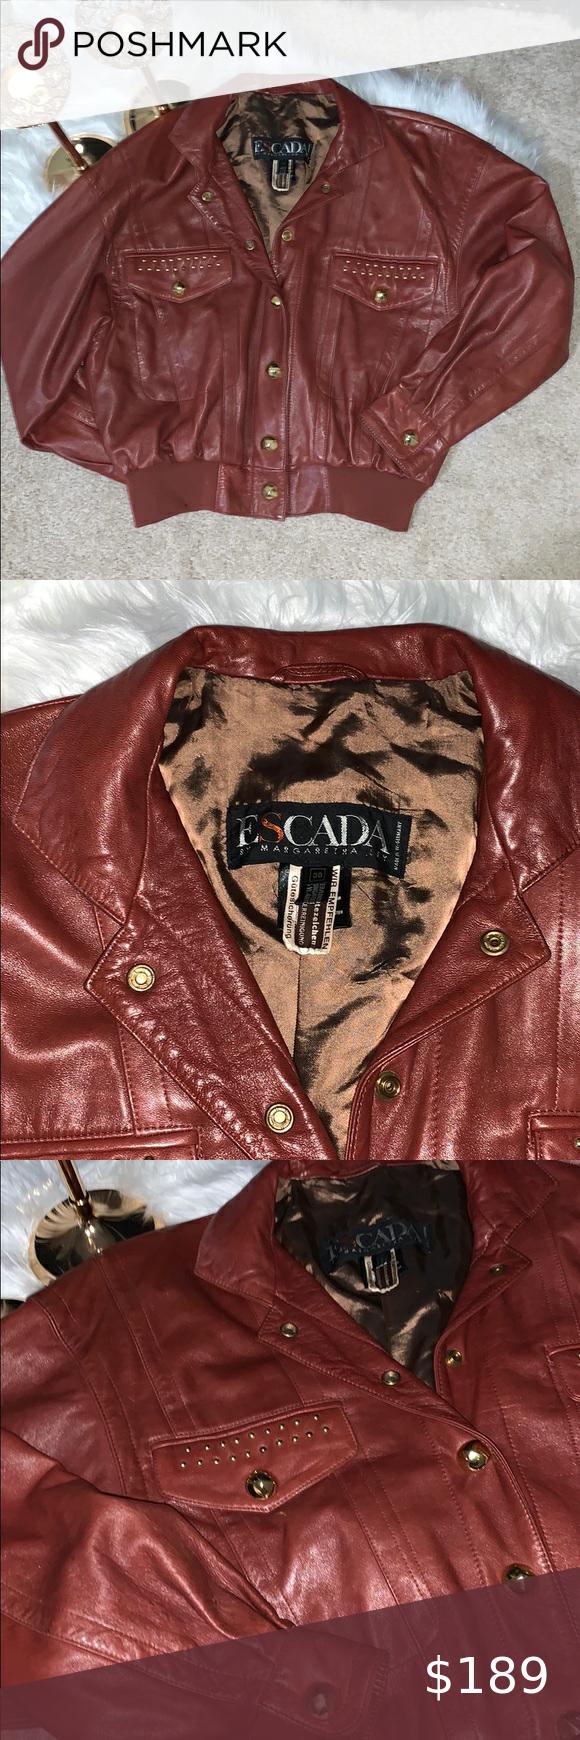 Vintage Escada Leather Jacket Leather Jacket Genuine Leather Jackets Jackets [ 1740 x 580 Pixel ]